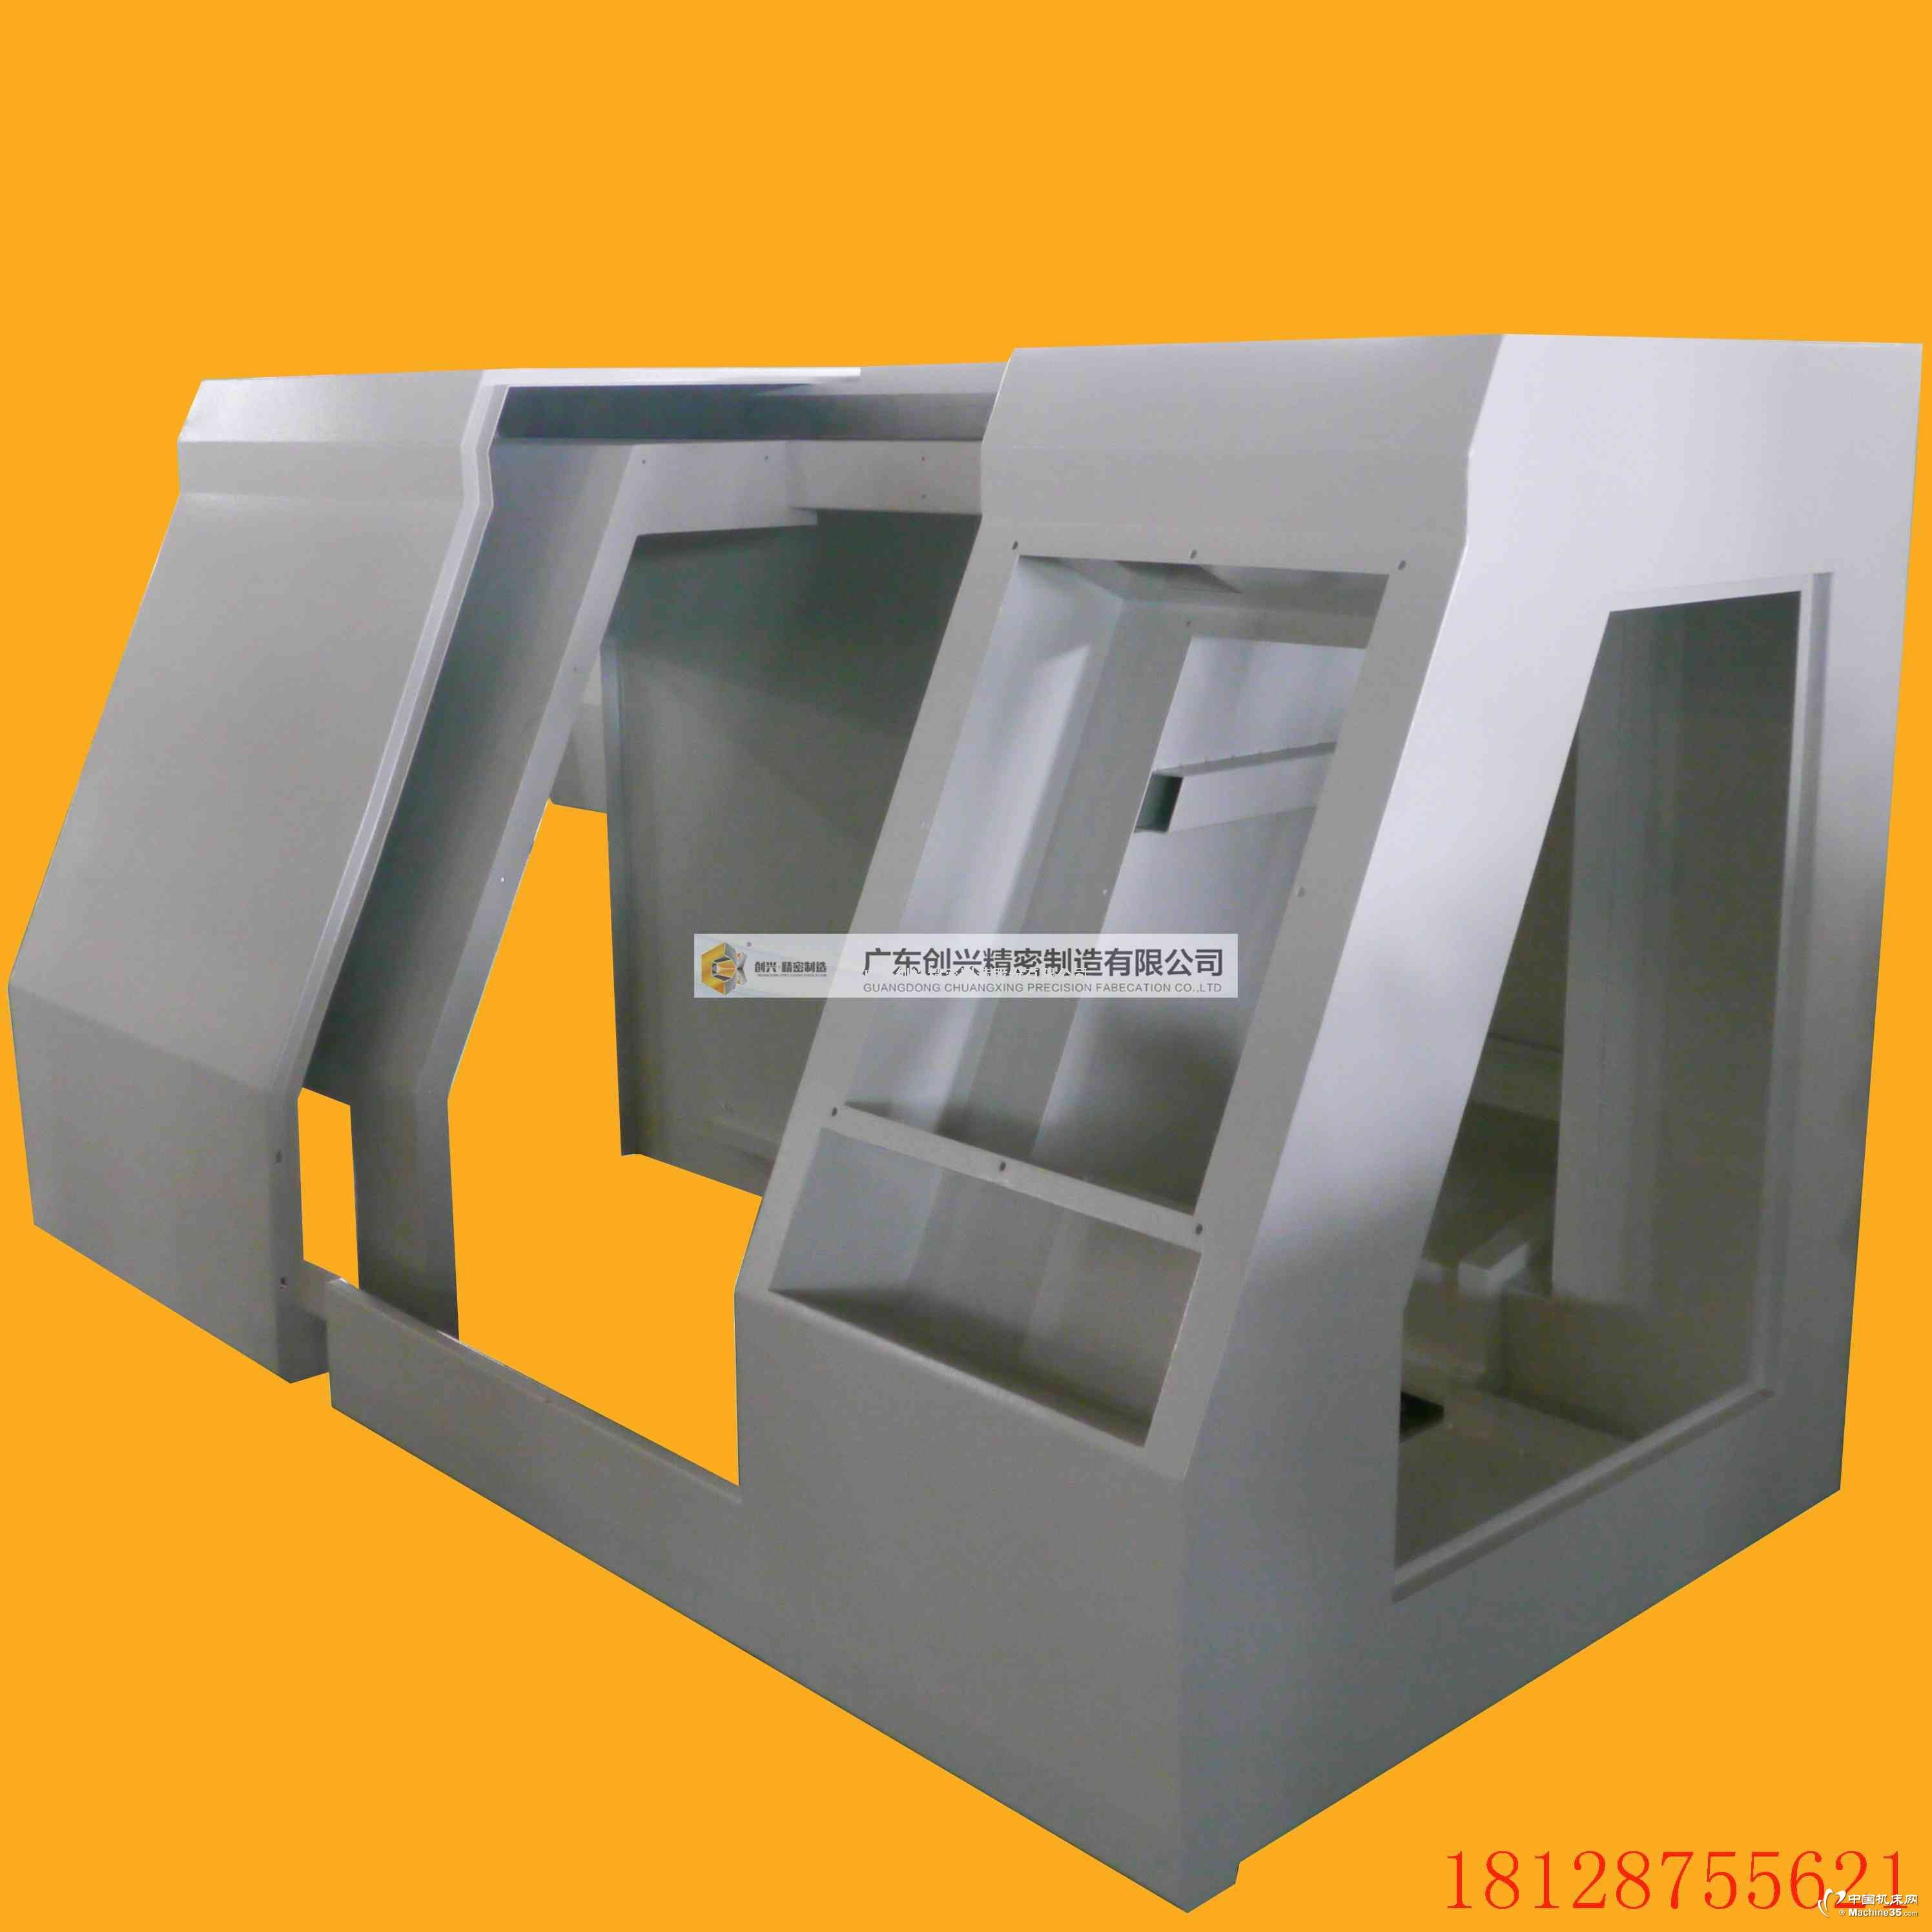 冲压机床外壳定做,精密机床定制公司,广东冲压机床加工厂家